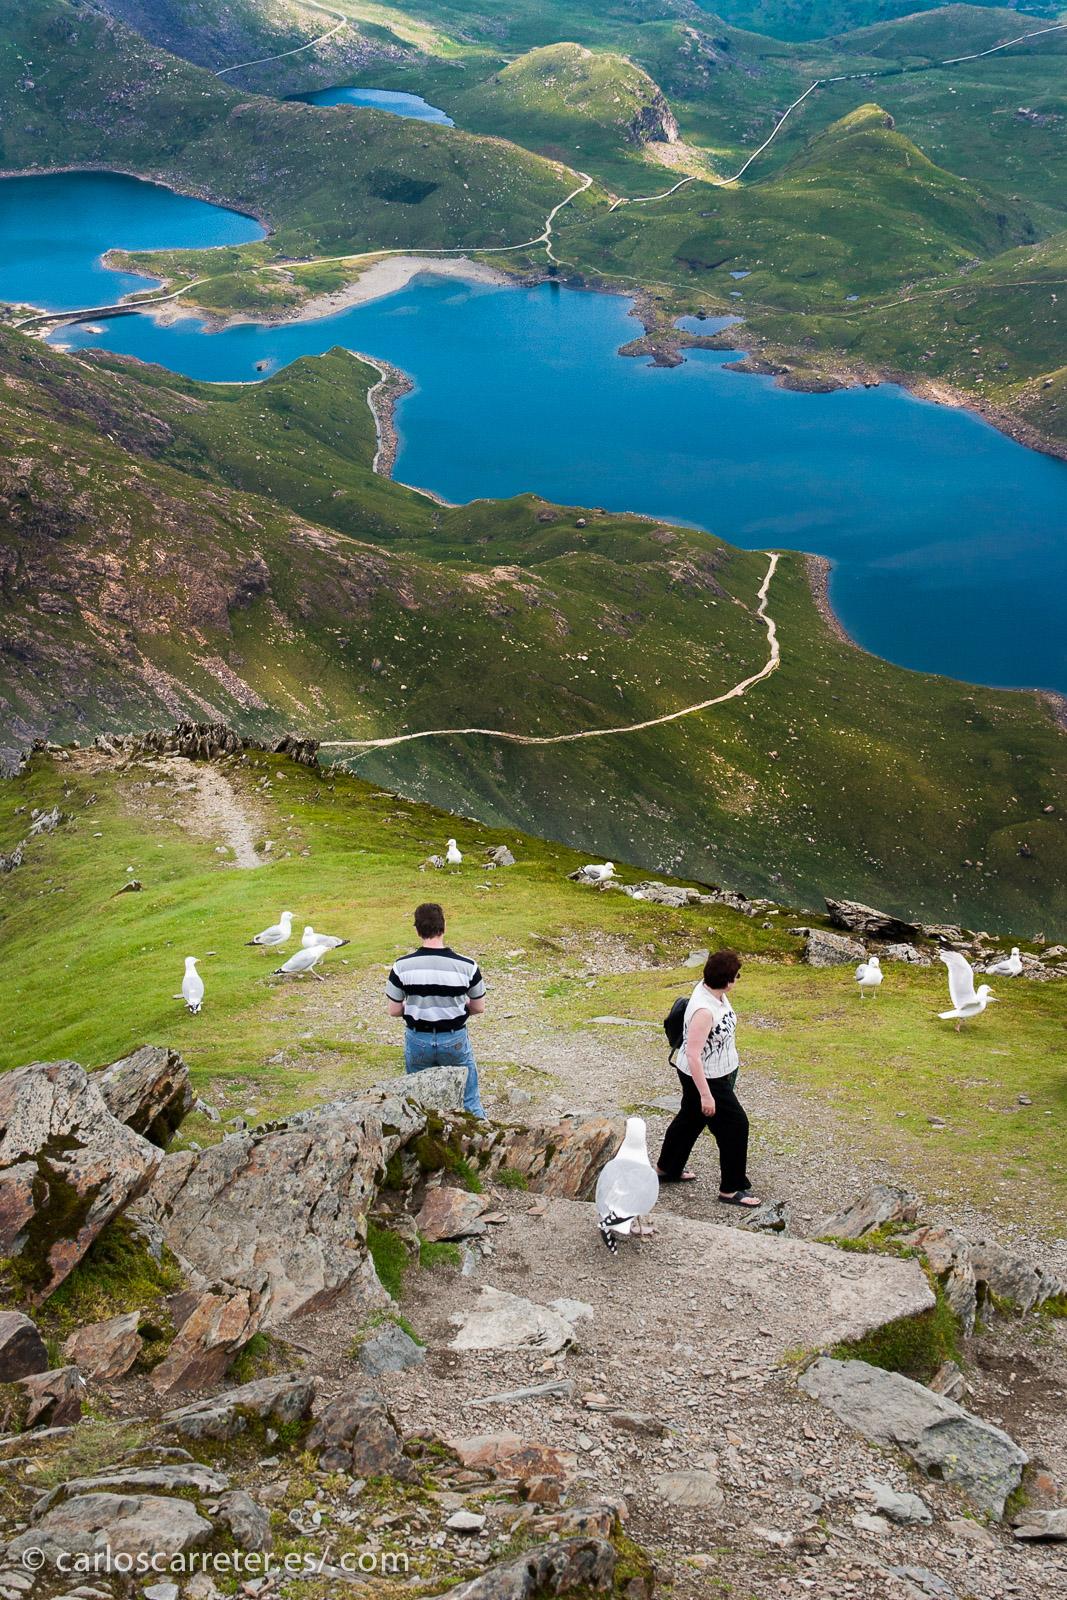 País de Gales, representado por una vista sobre el parque nacional de Snowdonia desde la cima del monte que le da nombre, el monte Snowdon.